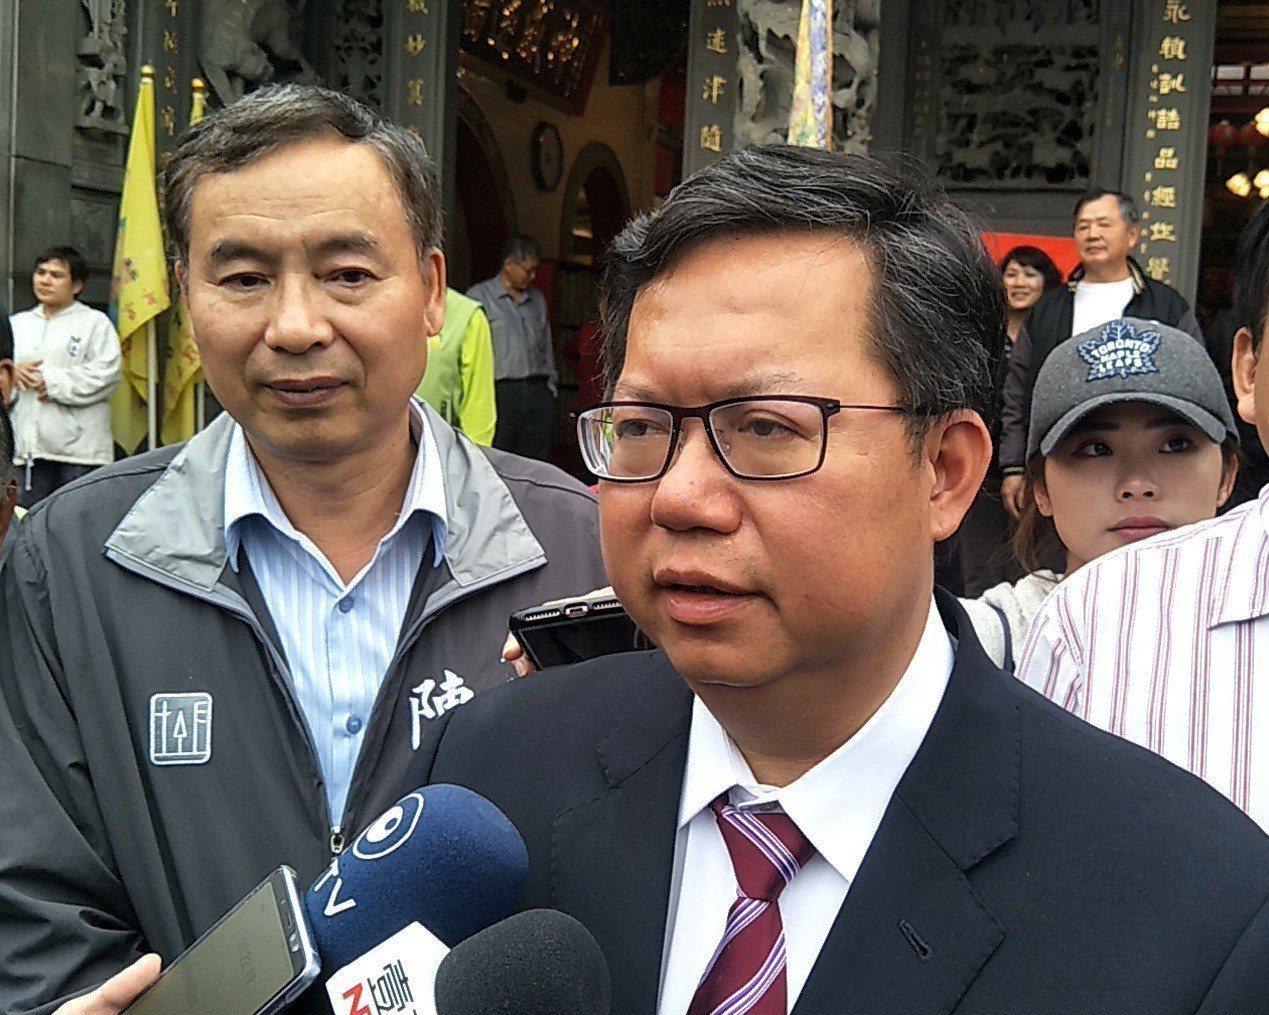 桃園市長鄭文燦(見圖)針對接任黨主席呼聲,他表示將等預算審完再與黨內意見領袖商量...